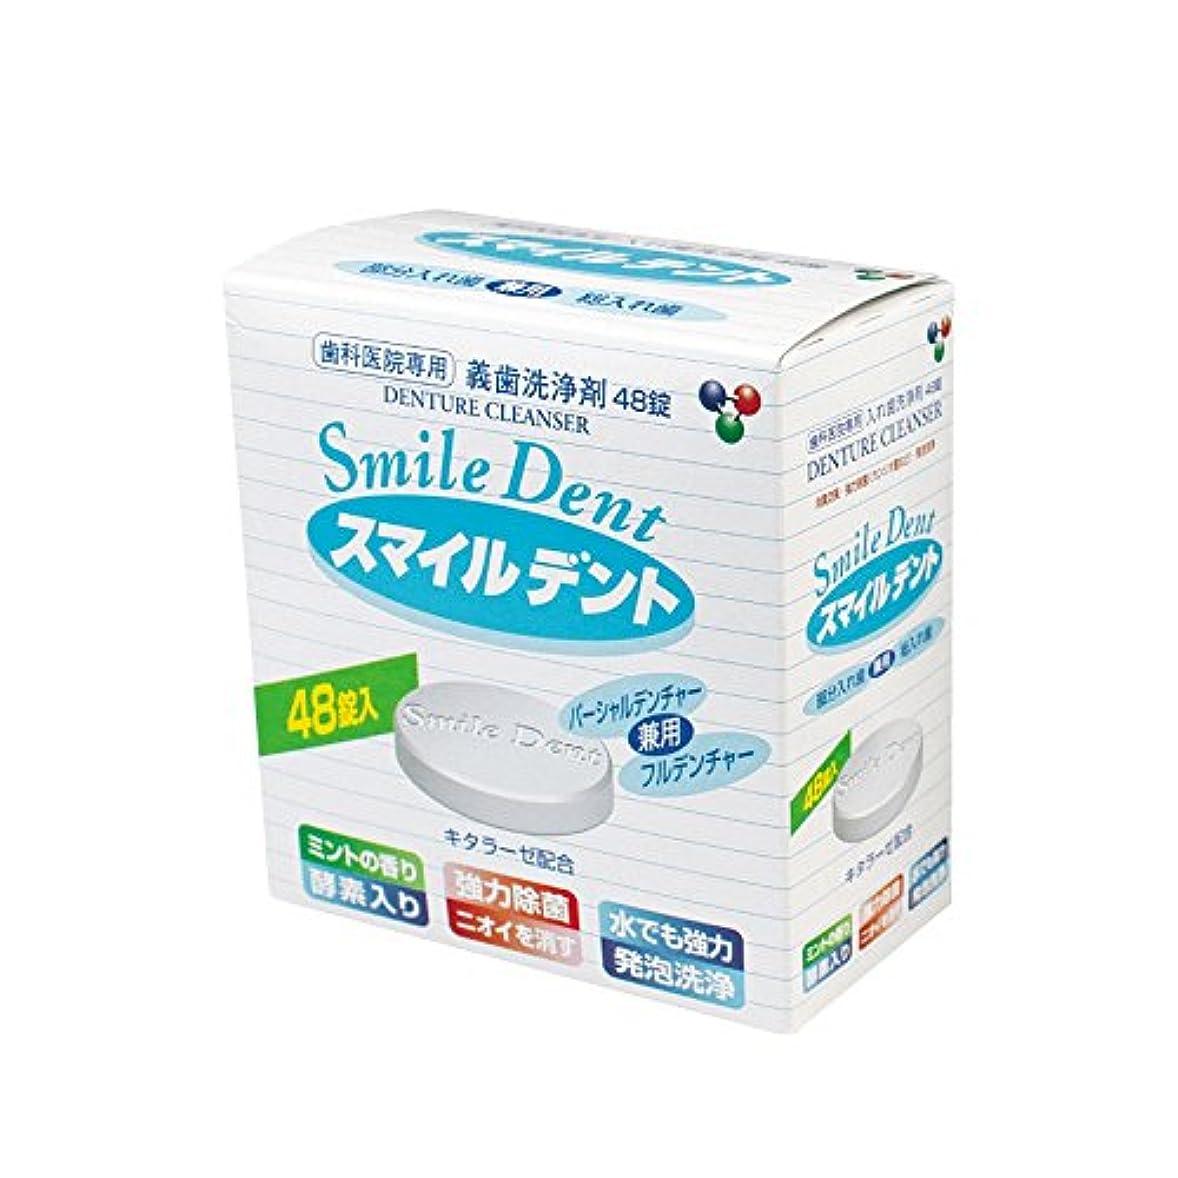 漏斗大いに宇宙義歯洗浄剤 スマイルデント 1箱(48錠)